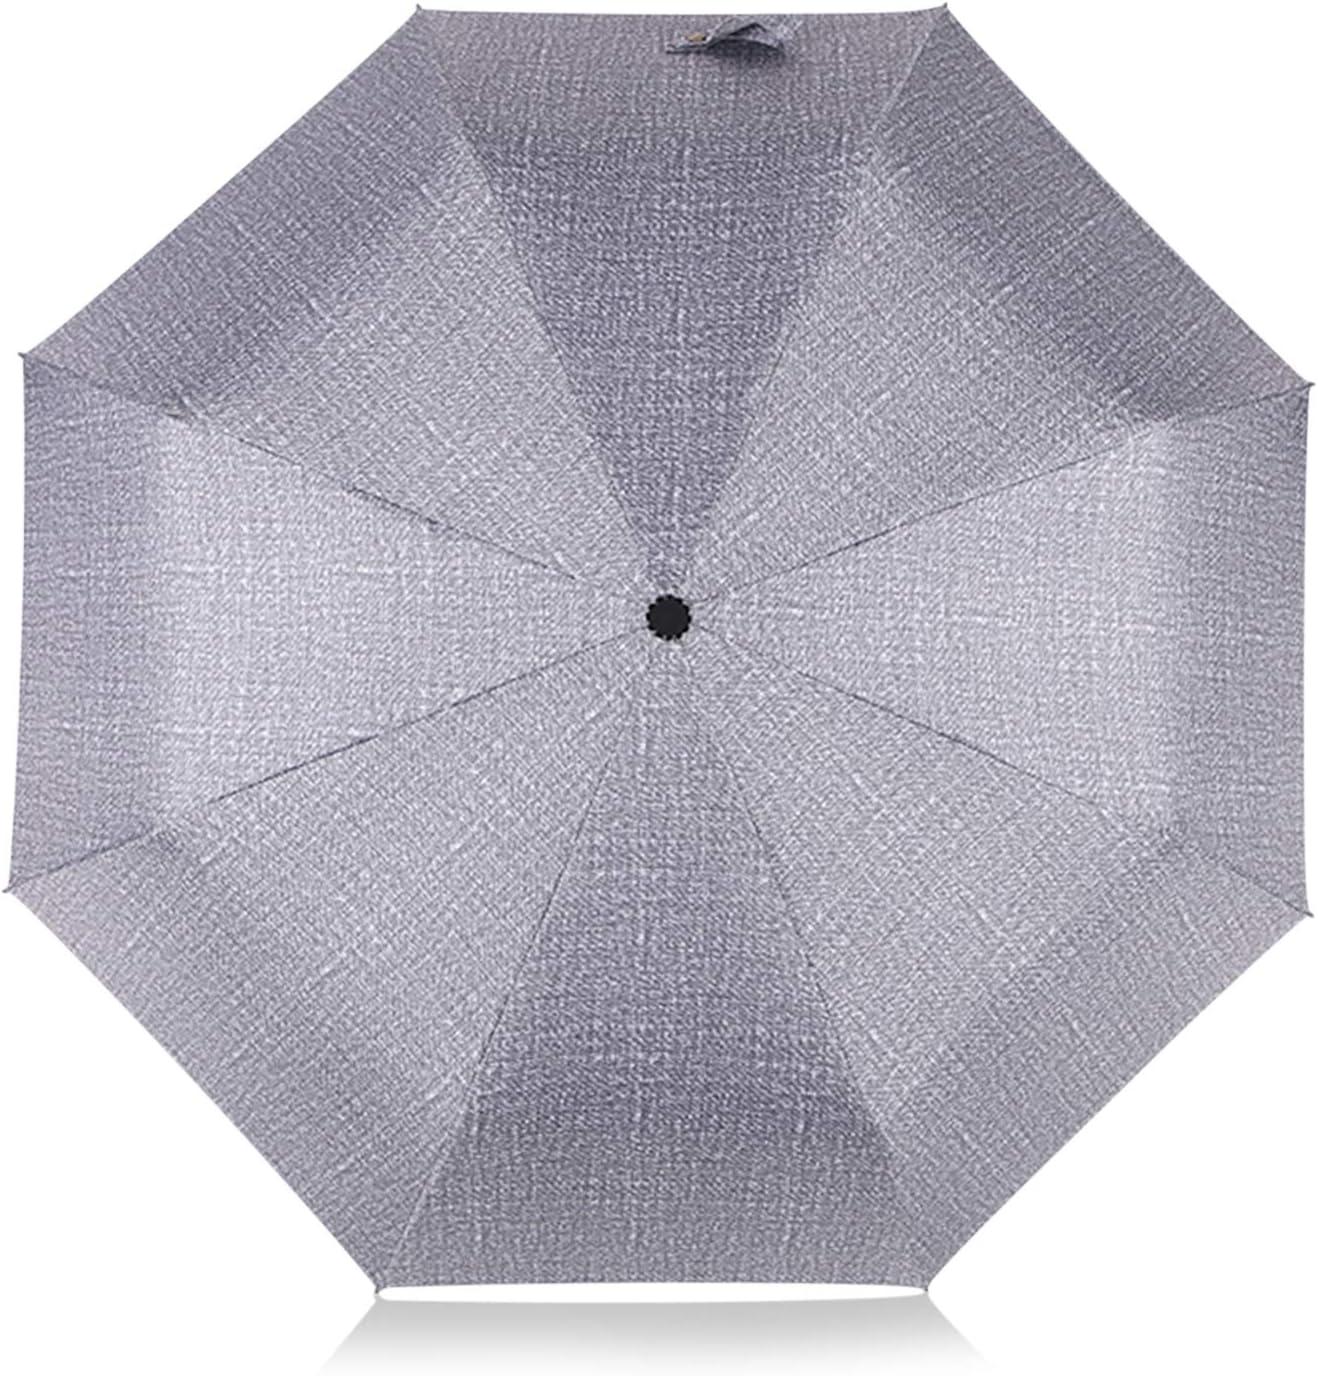 DORRISO Automatique//Manuel Pliant Parapluie Coupe-Vent Compact Portable Voyage /étanche Homme Femme Poign/ée Antid/érapante Multifonctionnel Parapluie de Voyage Bleu